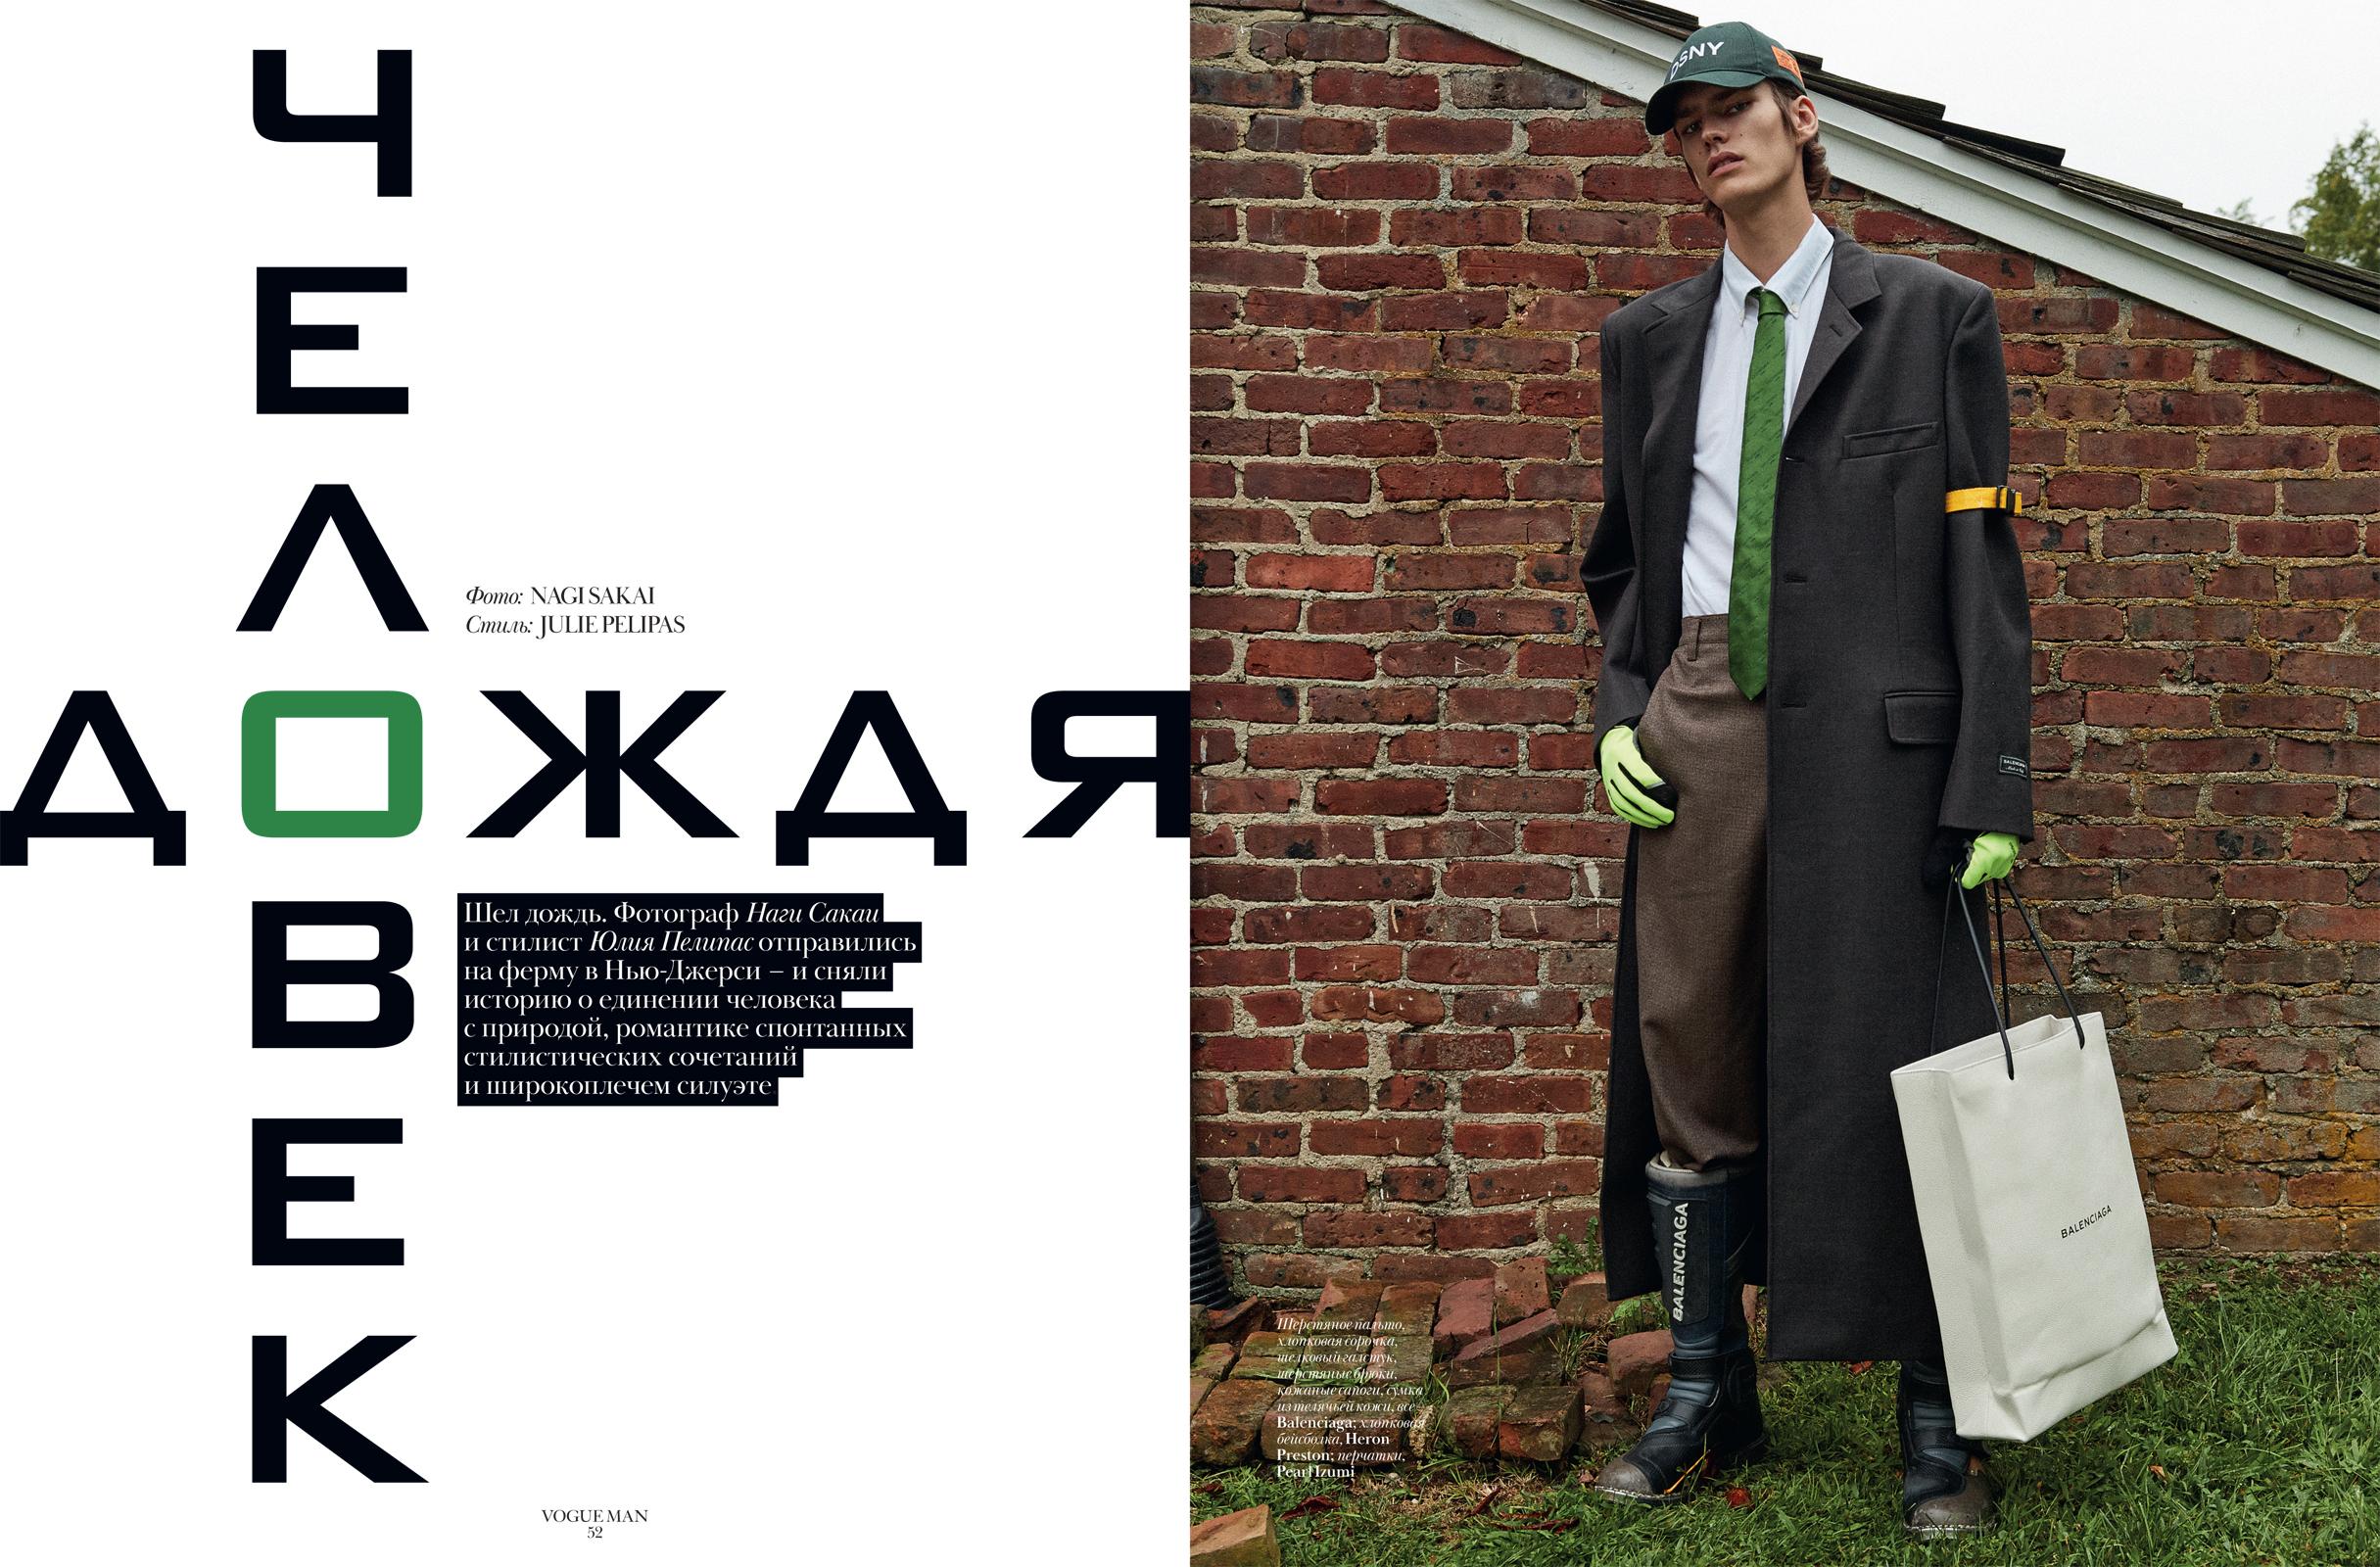 Vogue Man-EliasdePOOT-1.jpg